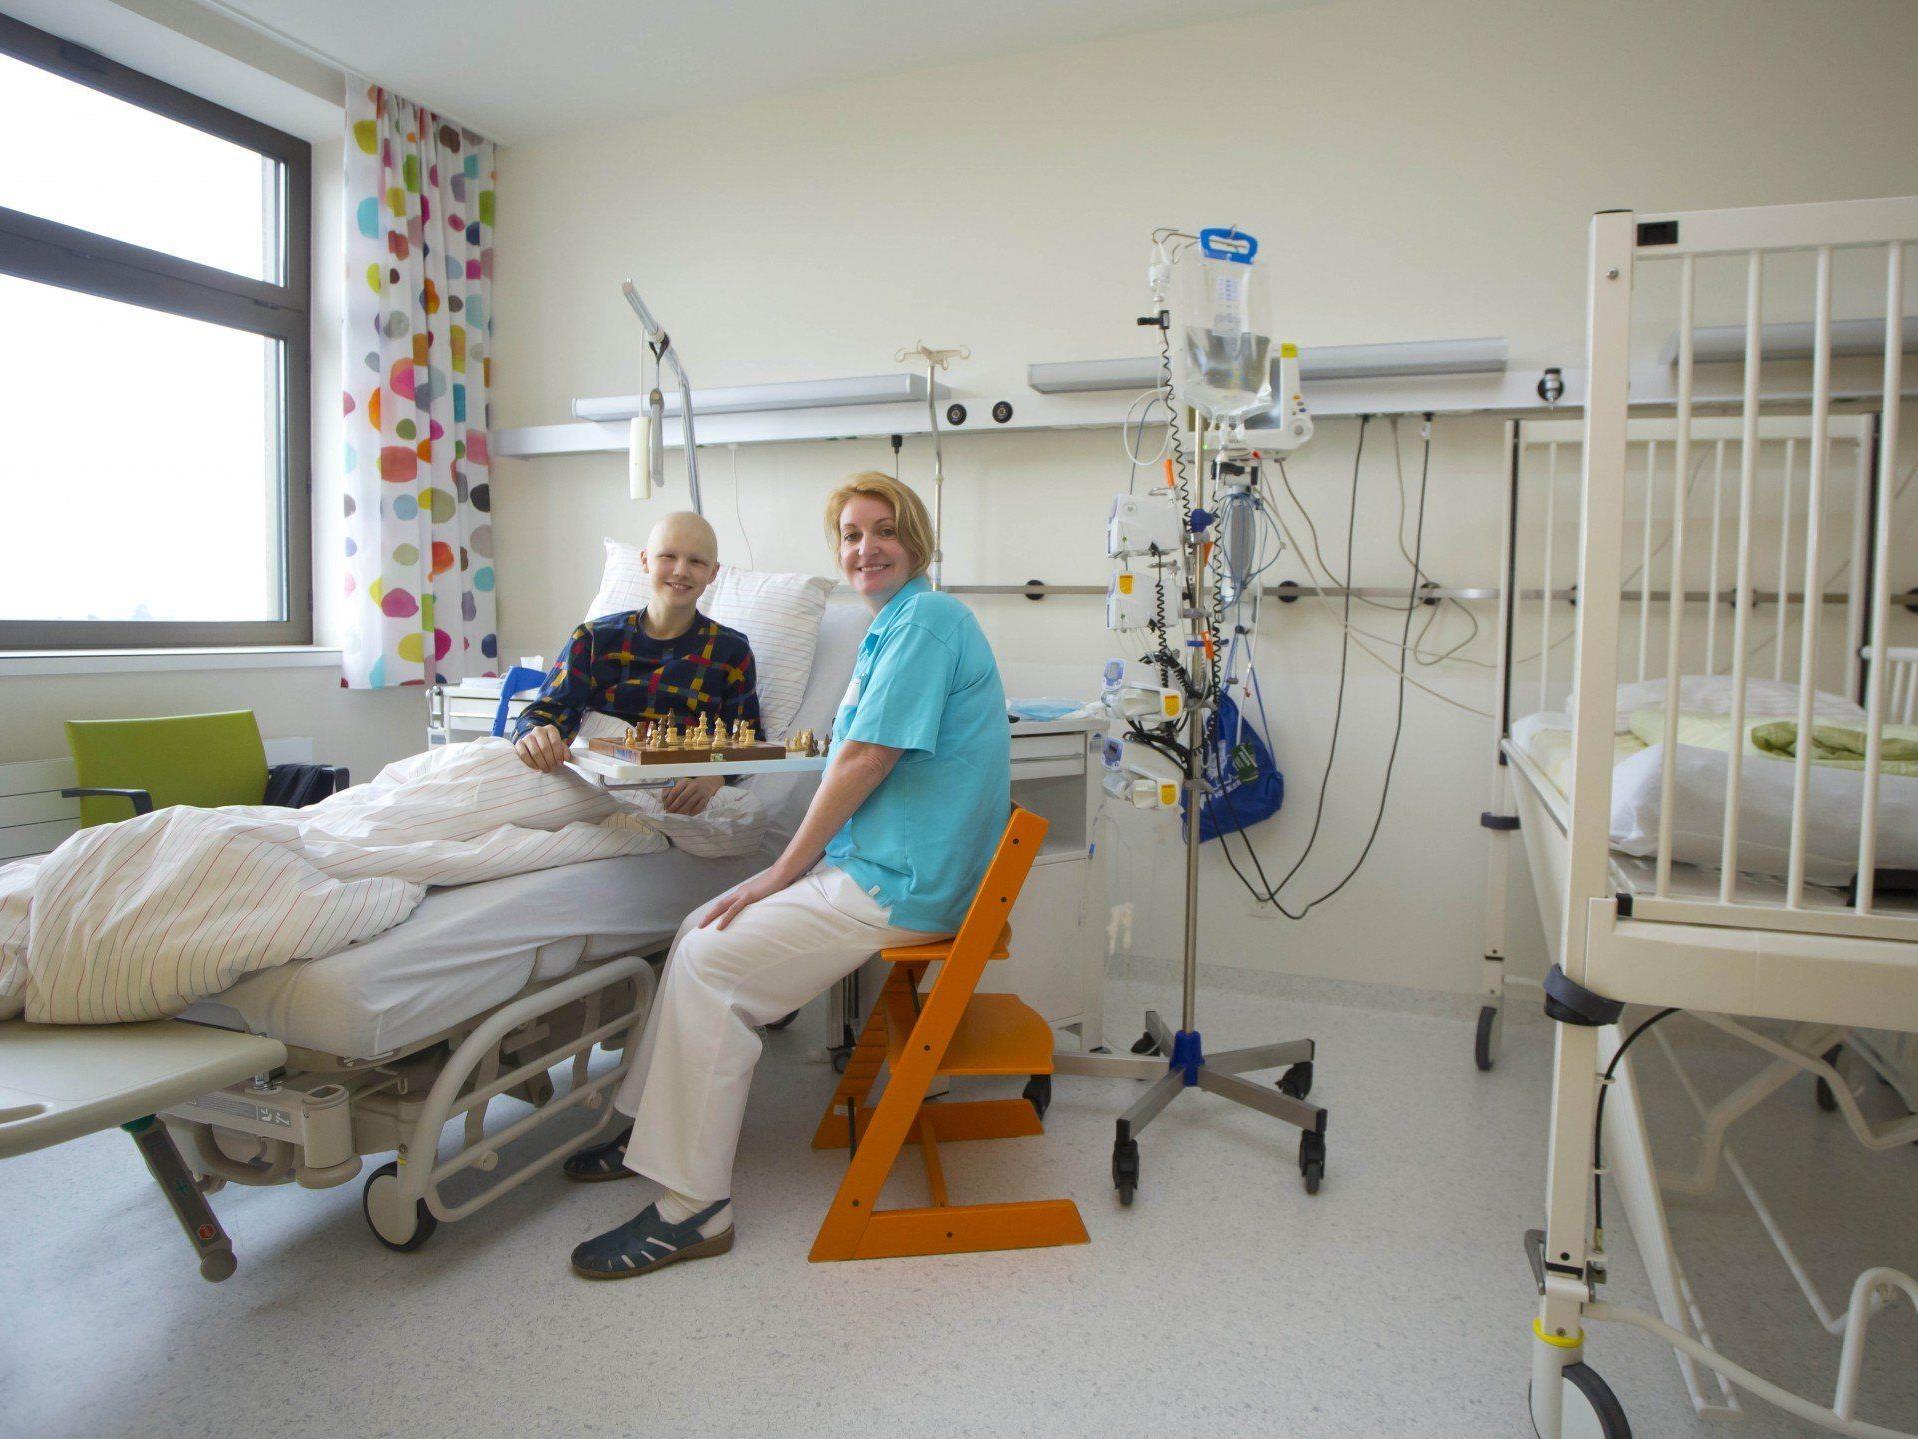 Die kleinen Patienten fühlen sich in den neuen, hellen Räumen sichtlich wohl.